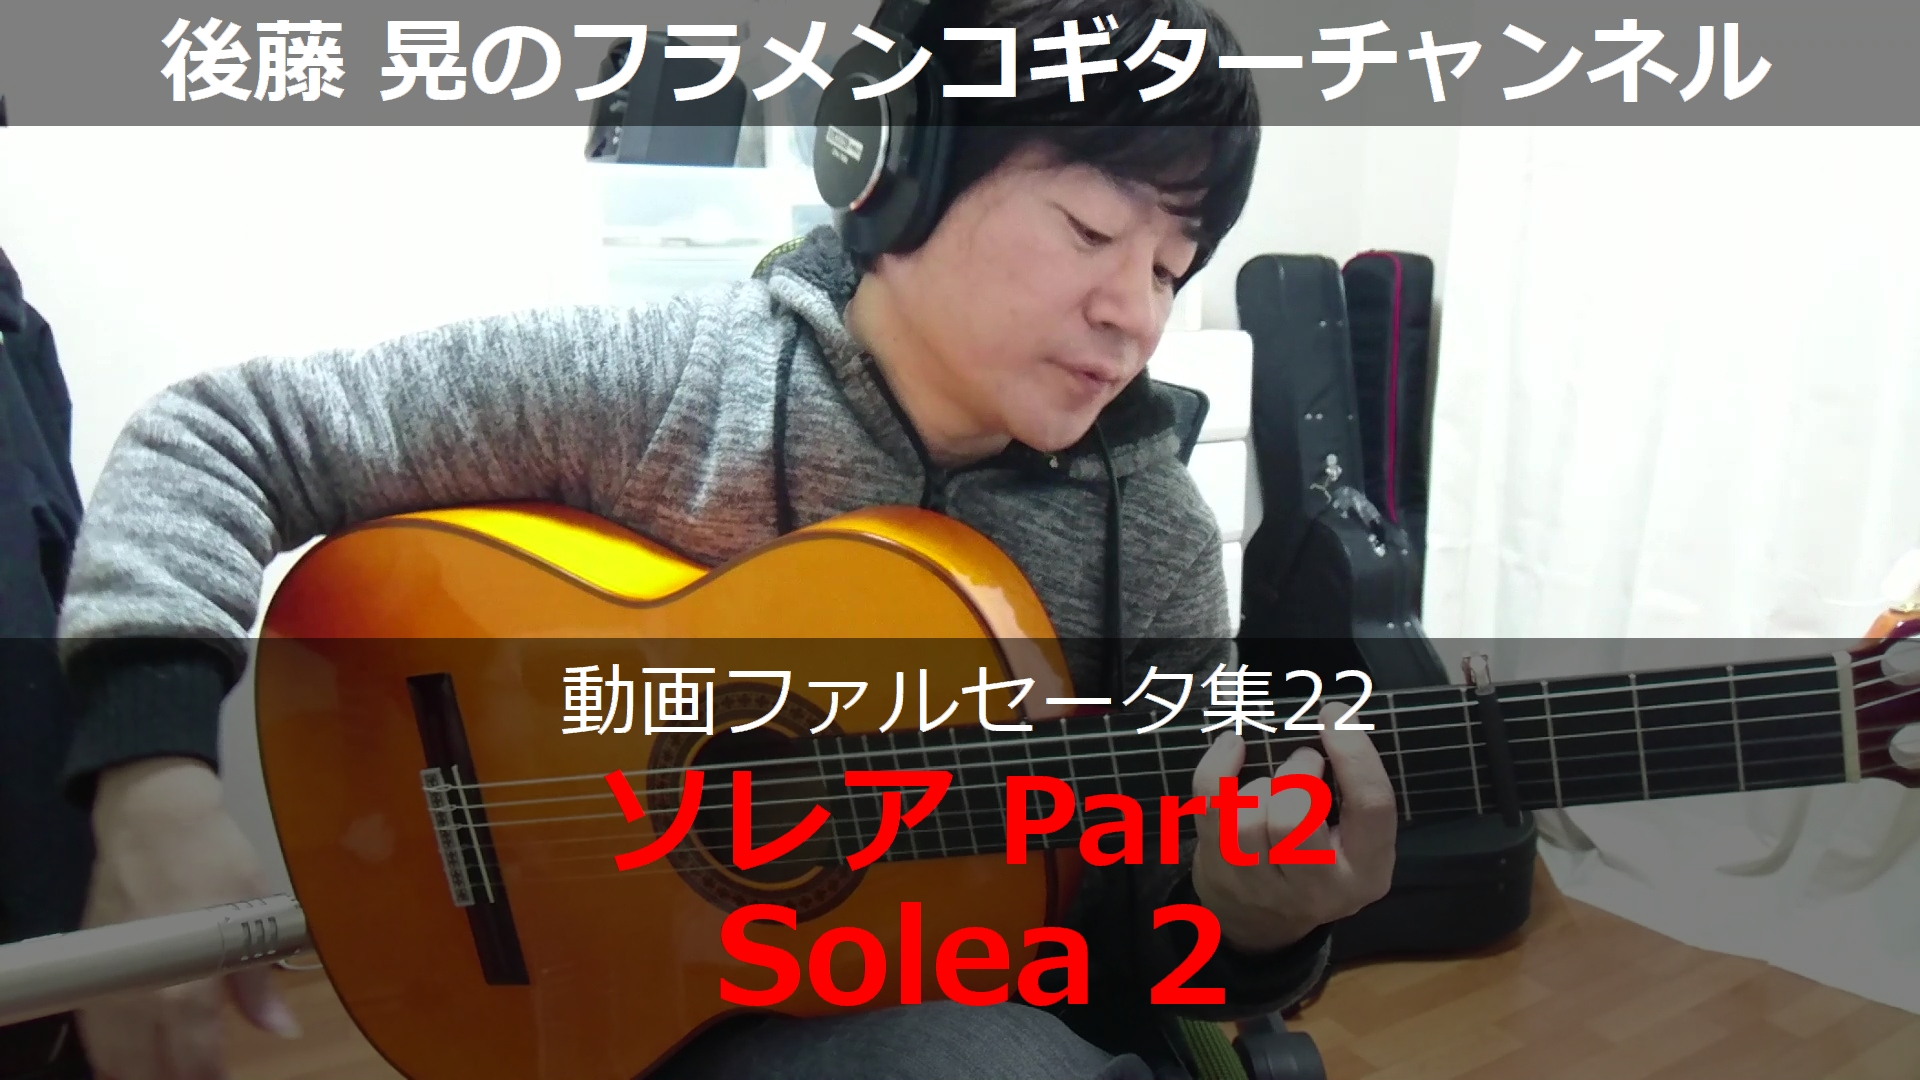 ソレアPart2 ギター演奏